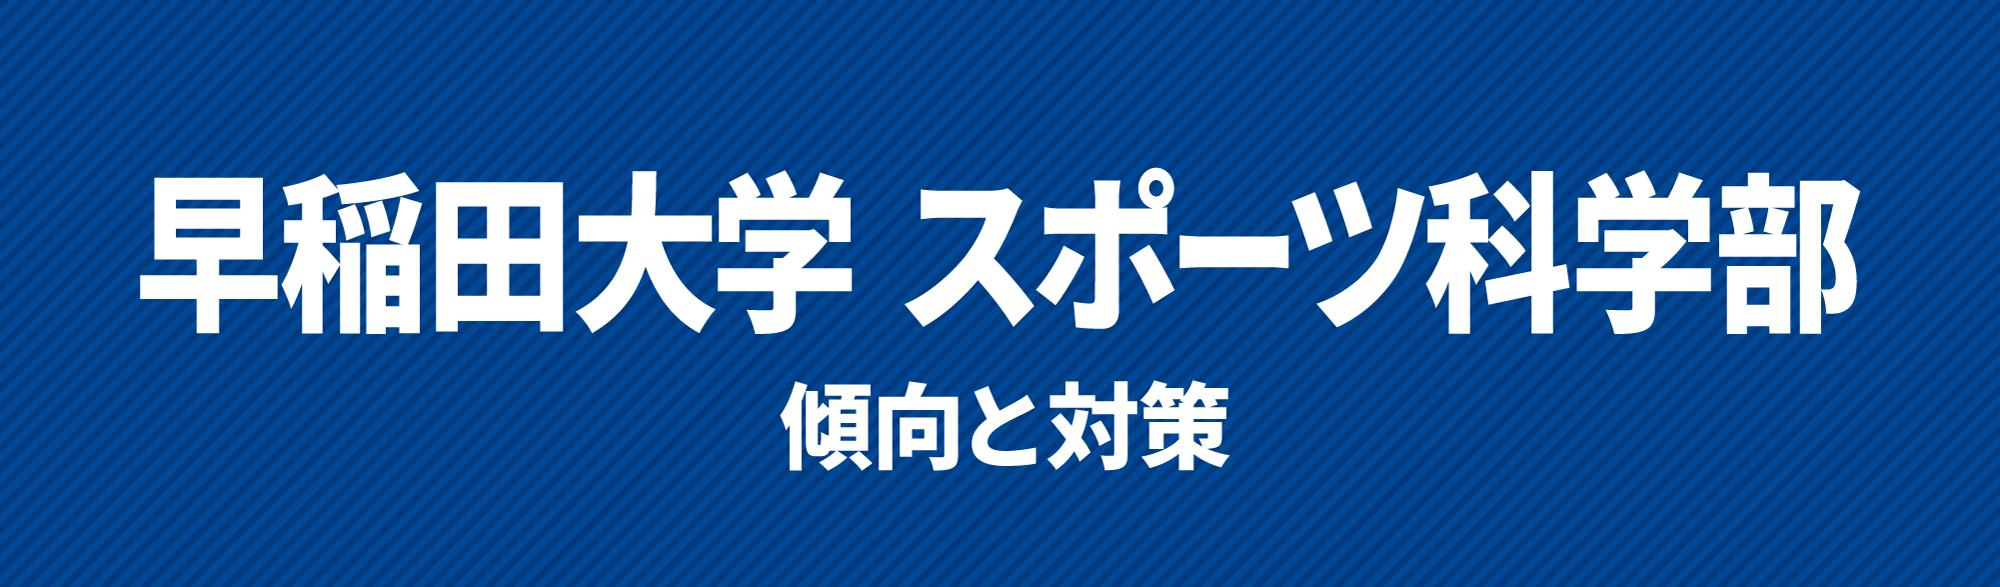 早稲田大学スポーツ科学部傾向と対策